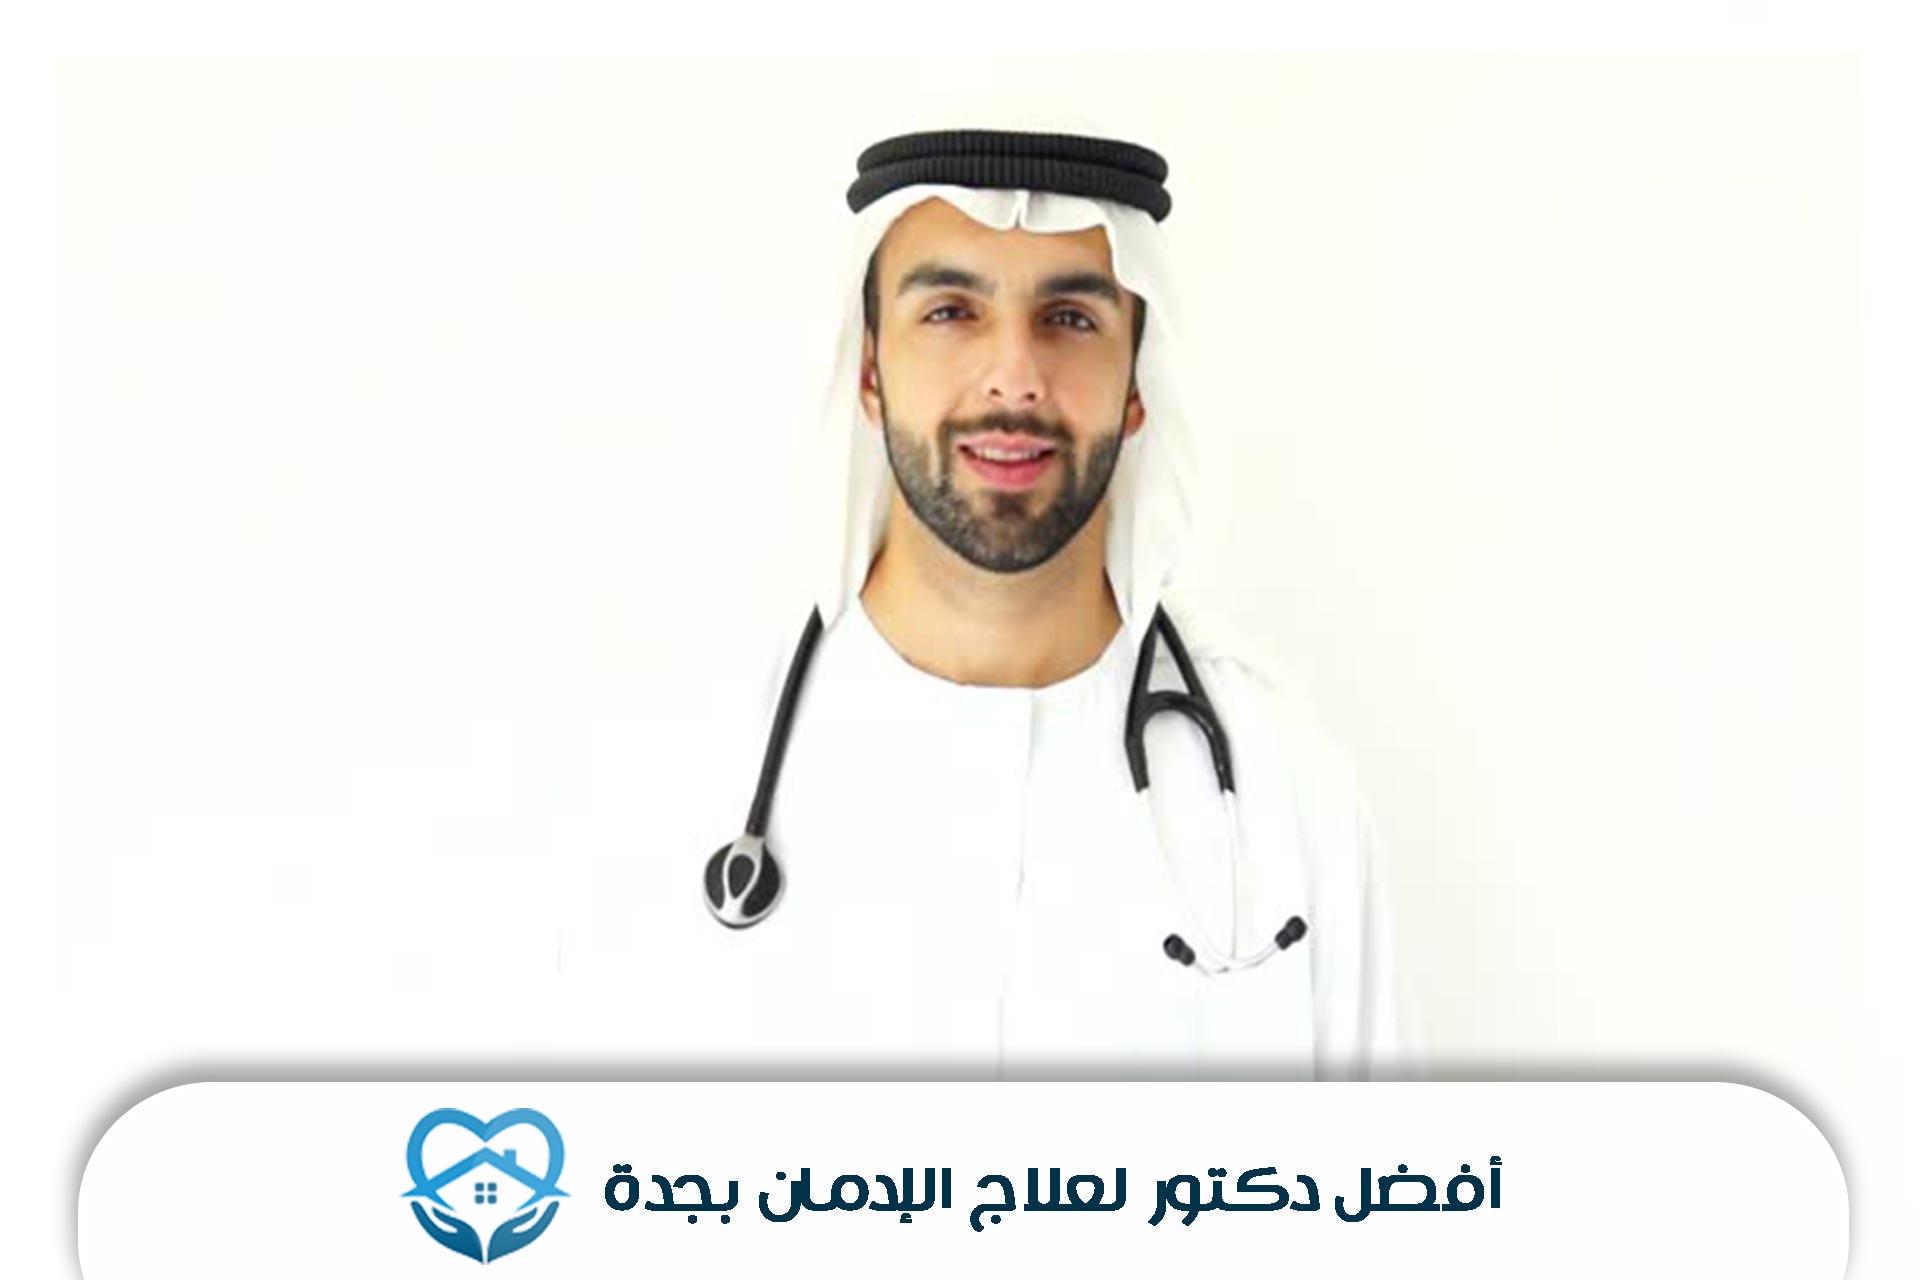 أفضل دكتور لعلاج الإدمان بجدة